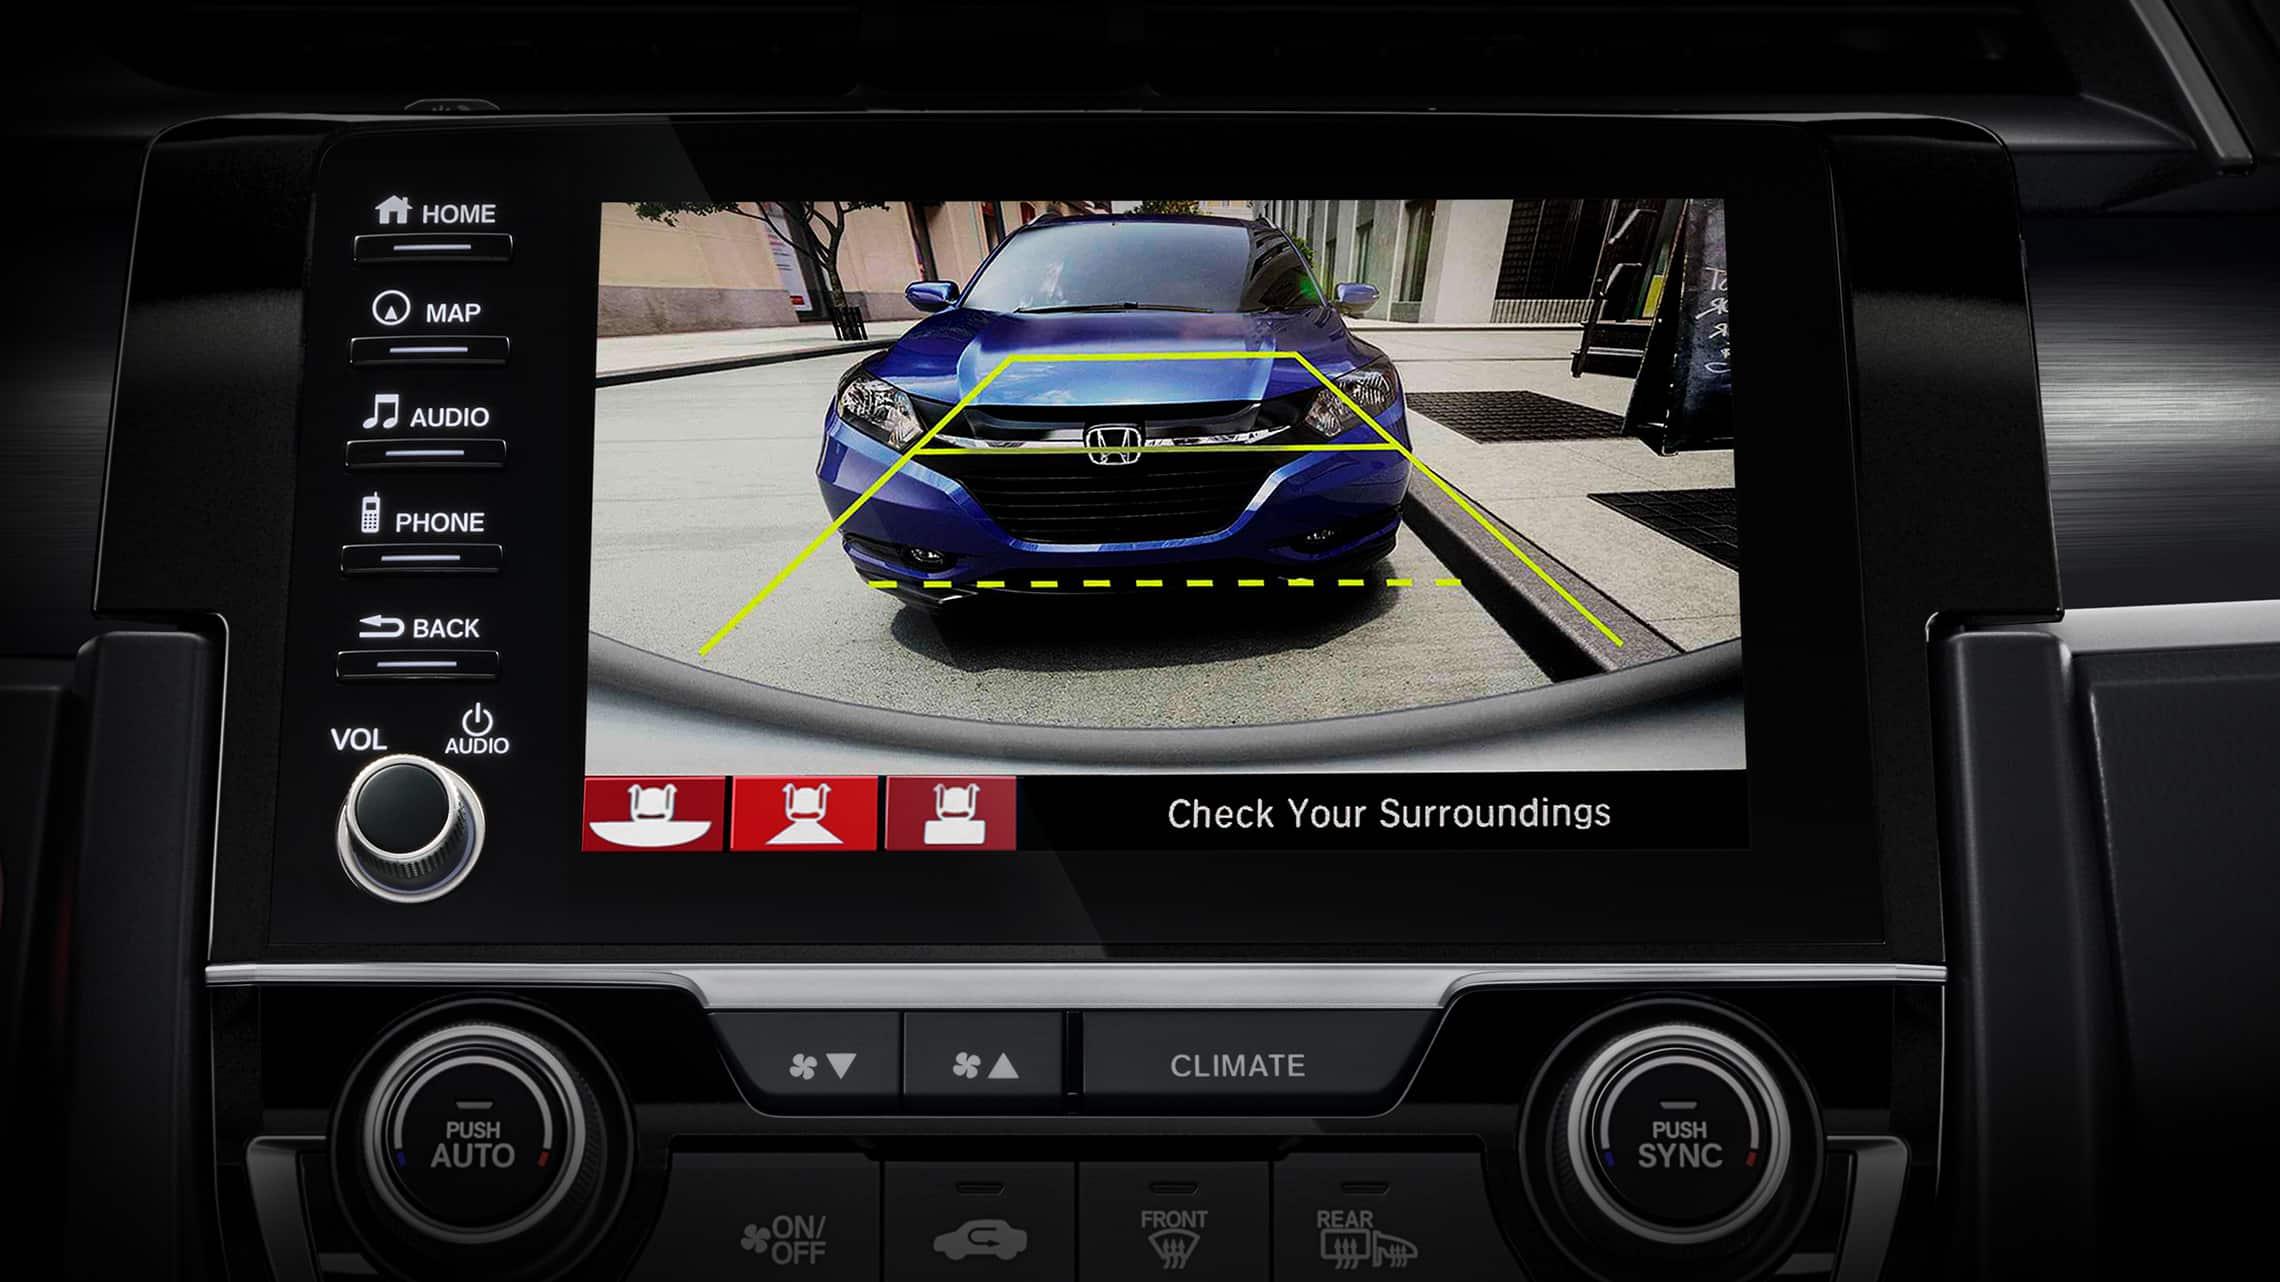 Detalle de la pantalla de la cámara de visión trasera multiángulo en el sistema de audio en pantalla táctil del Honda Civic Sport Touring Hatchback 2021.